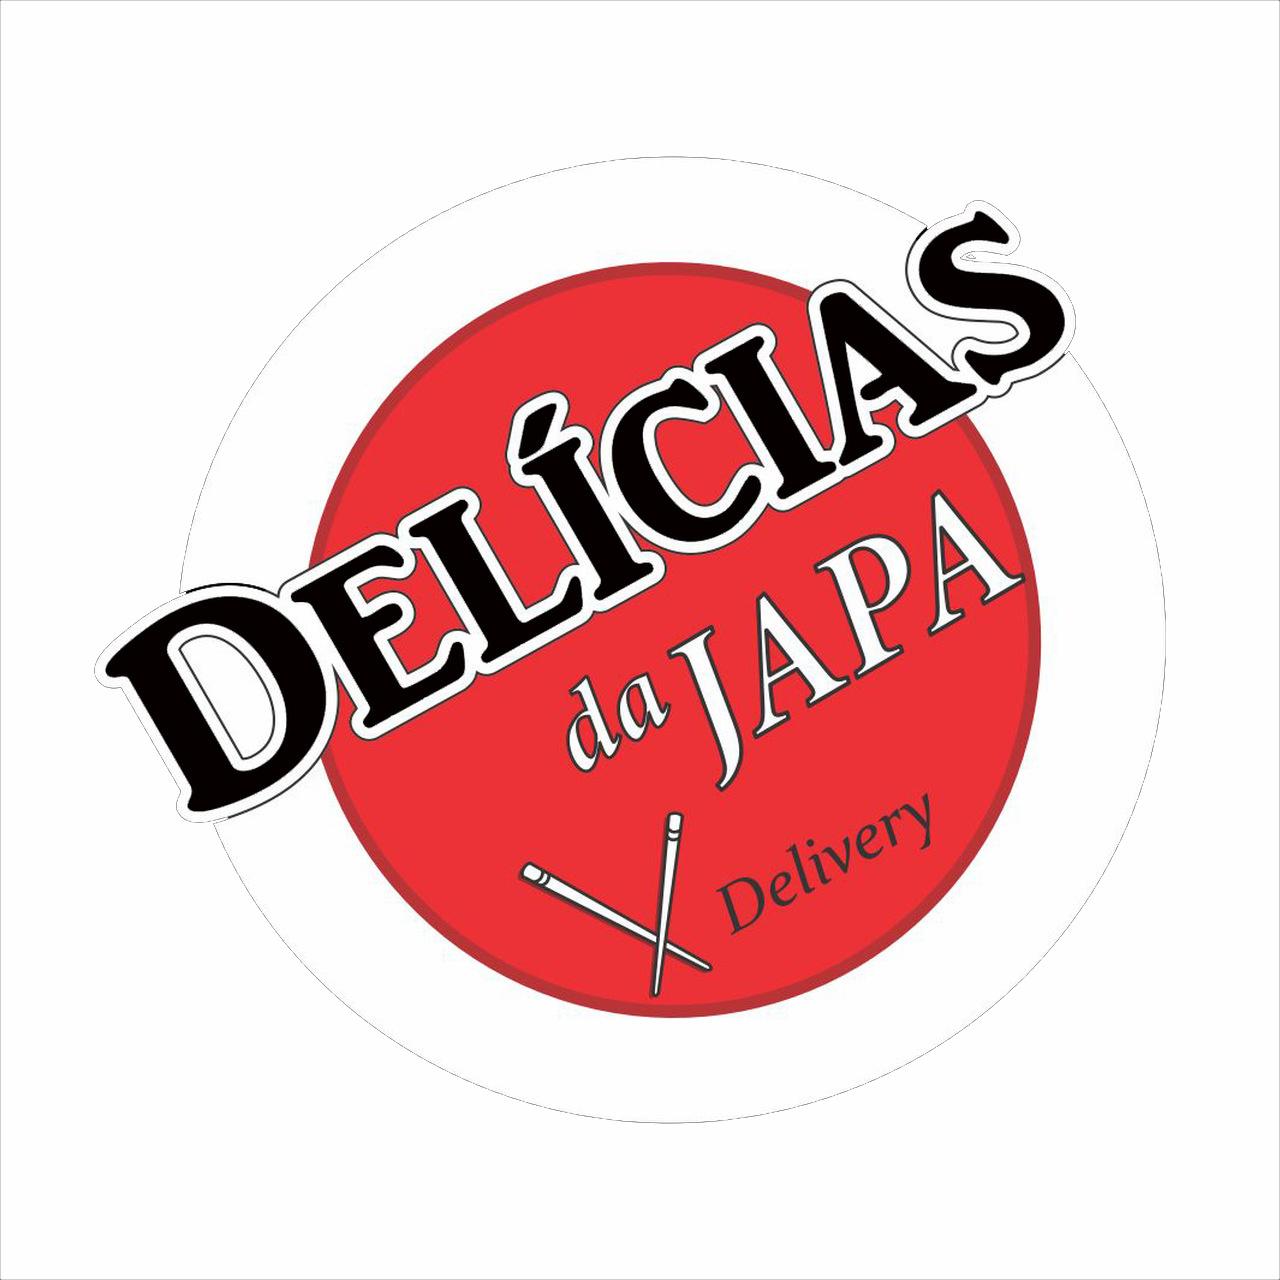 Delicias_da_japa_easy-resize.com_easy-resize.com